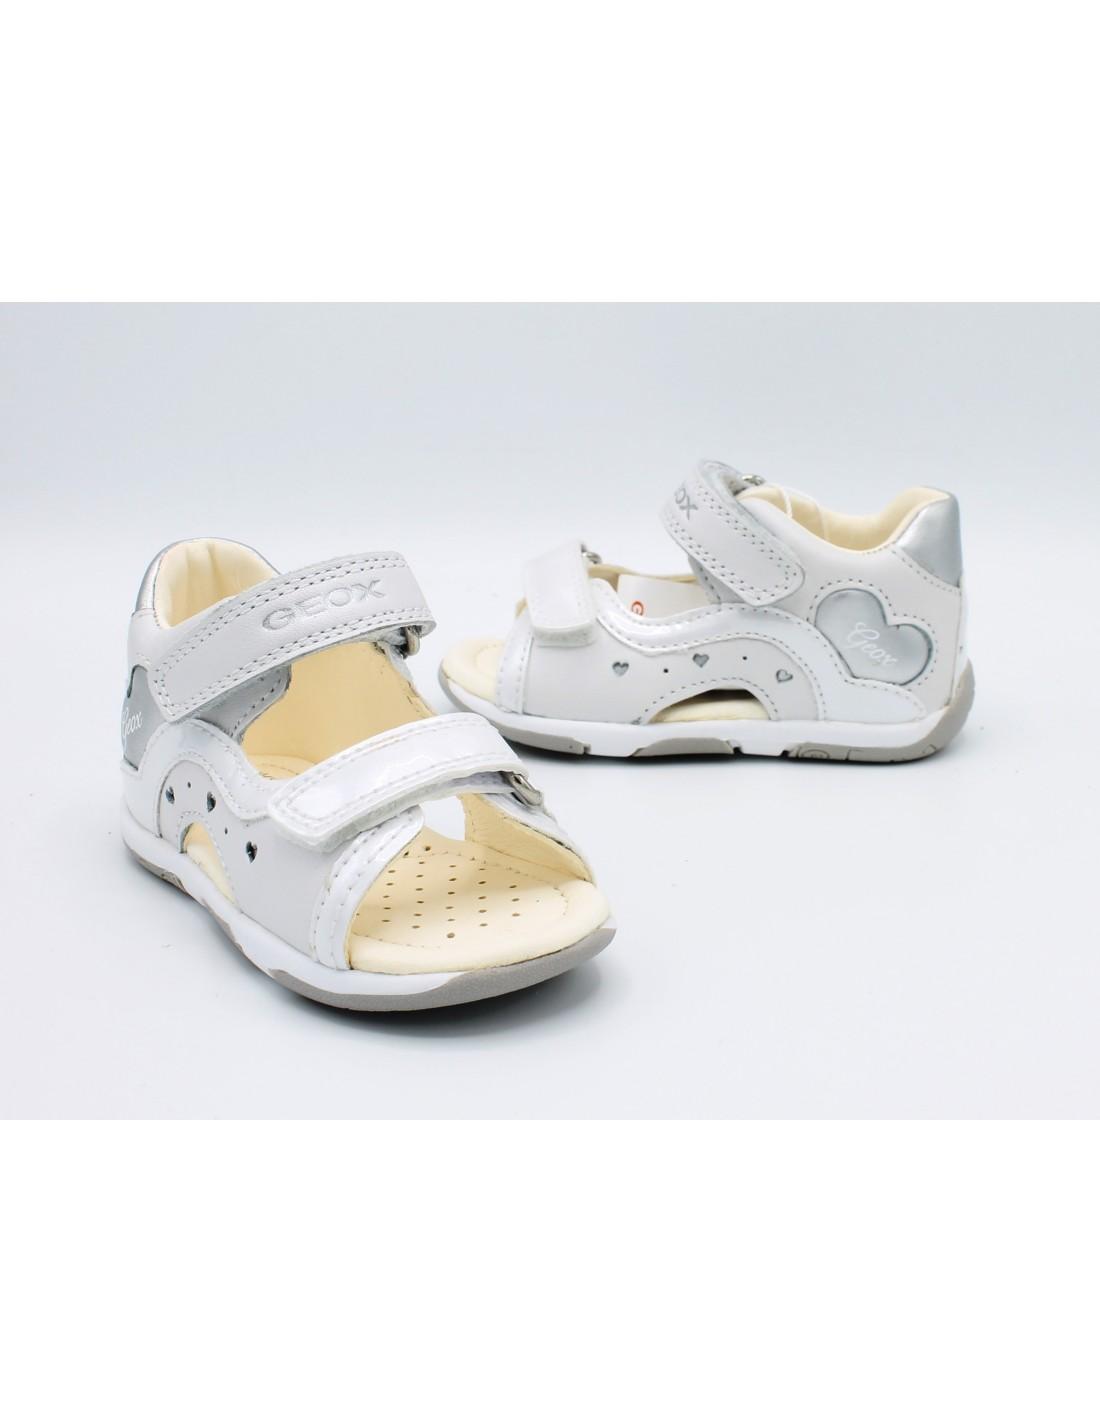 Dettagli su Geox sandali da bambina primi passi eleganti scarpe estive per bimba in pelle 22